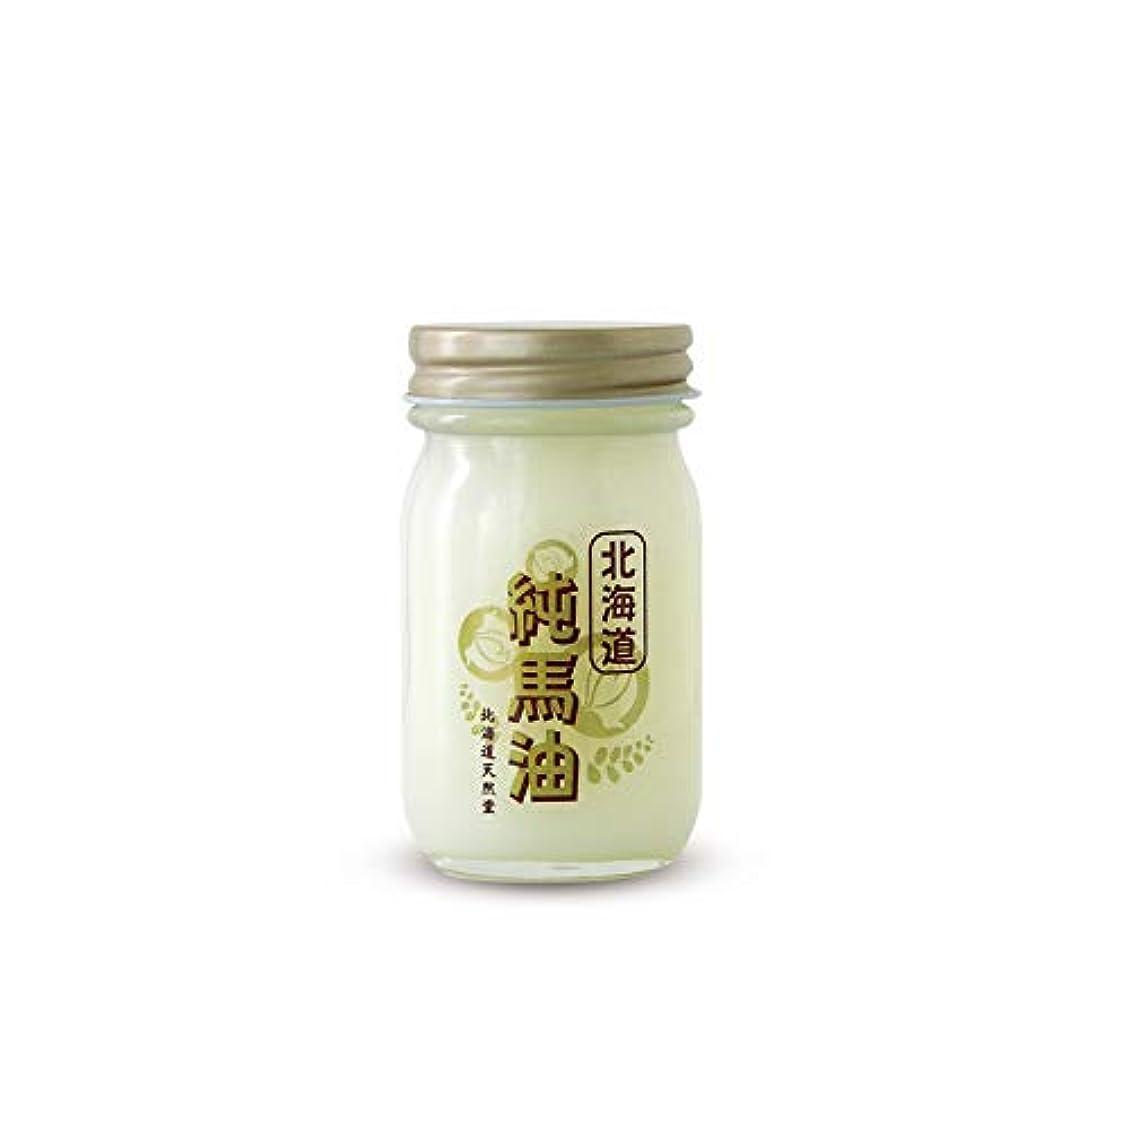 含む楕円形顕現純馬油 70ml 【国内限定】/ 北海道天然堂